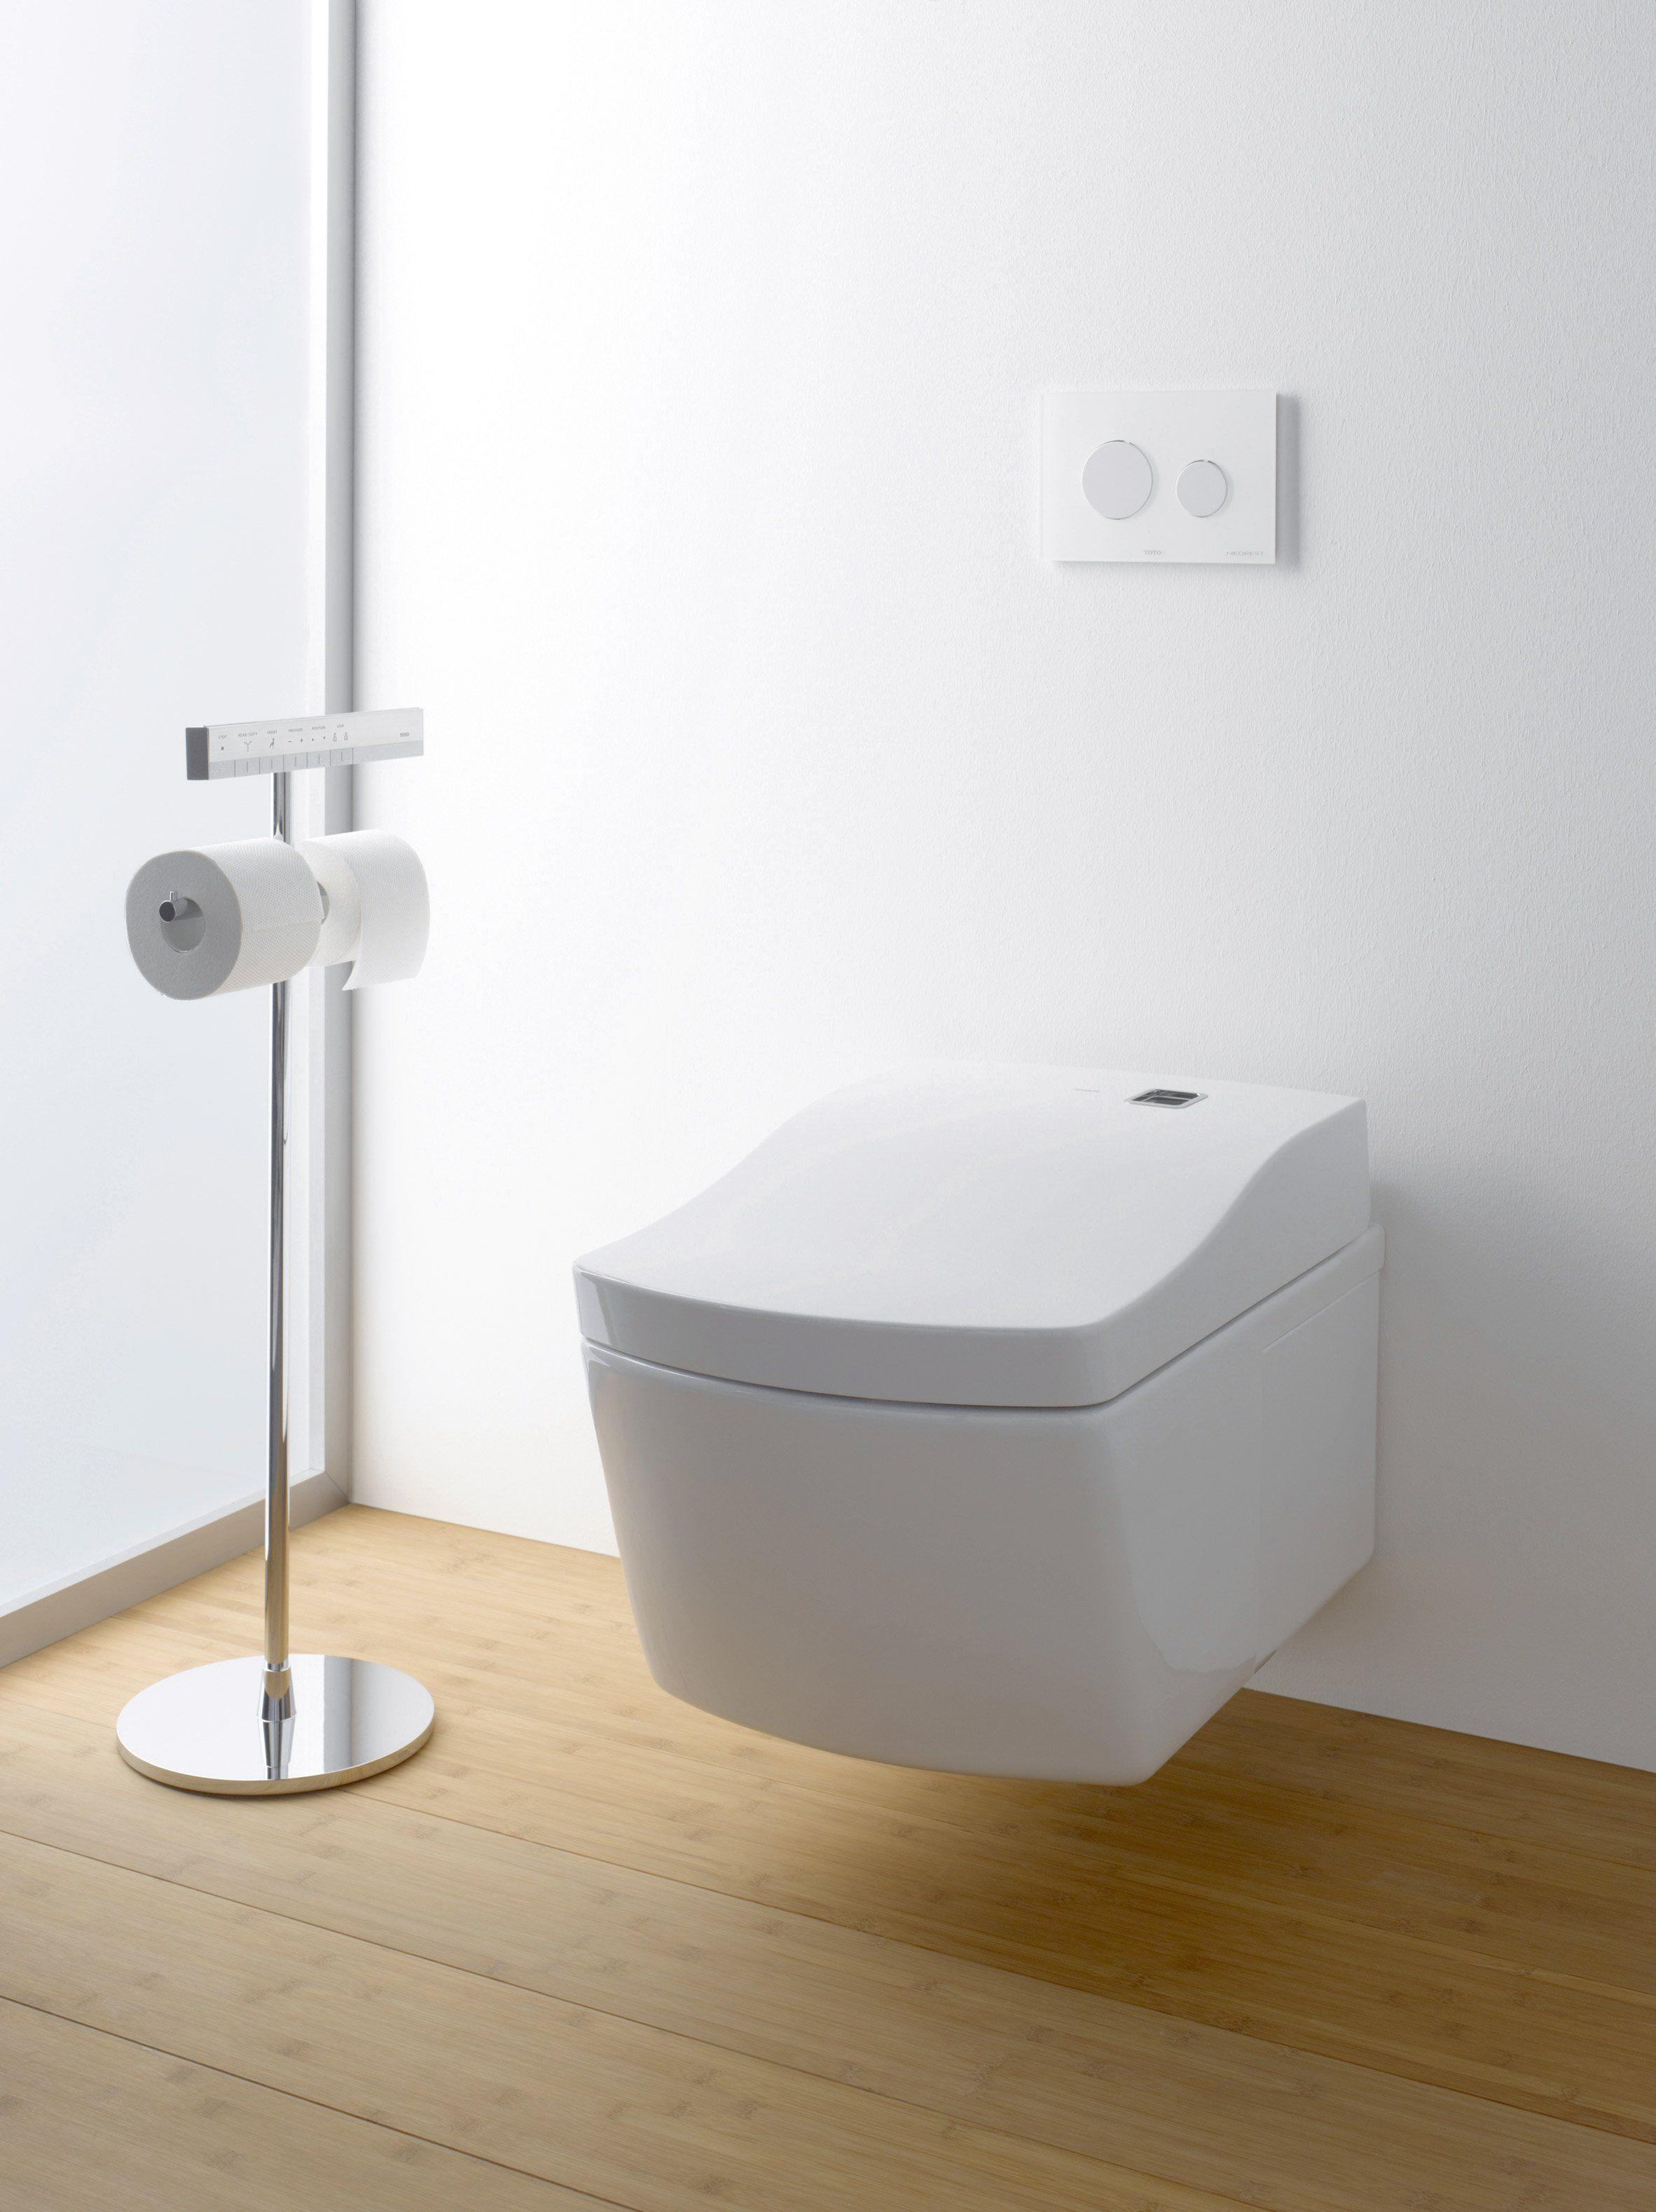 Toto Washlet toilets | Product | Pinterest | Washlet